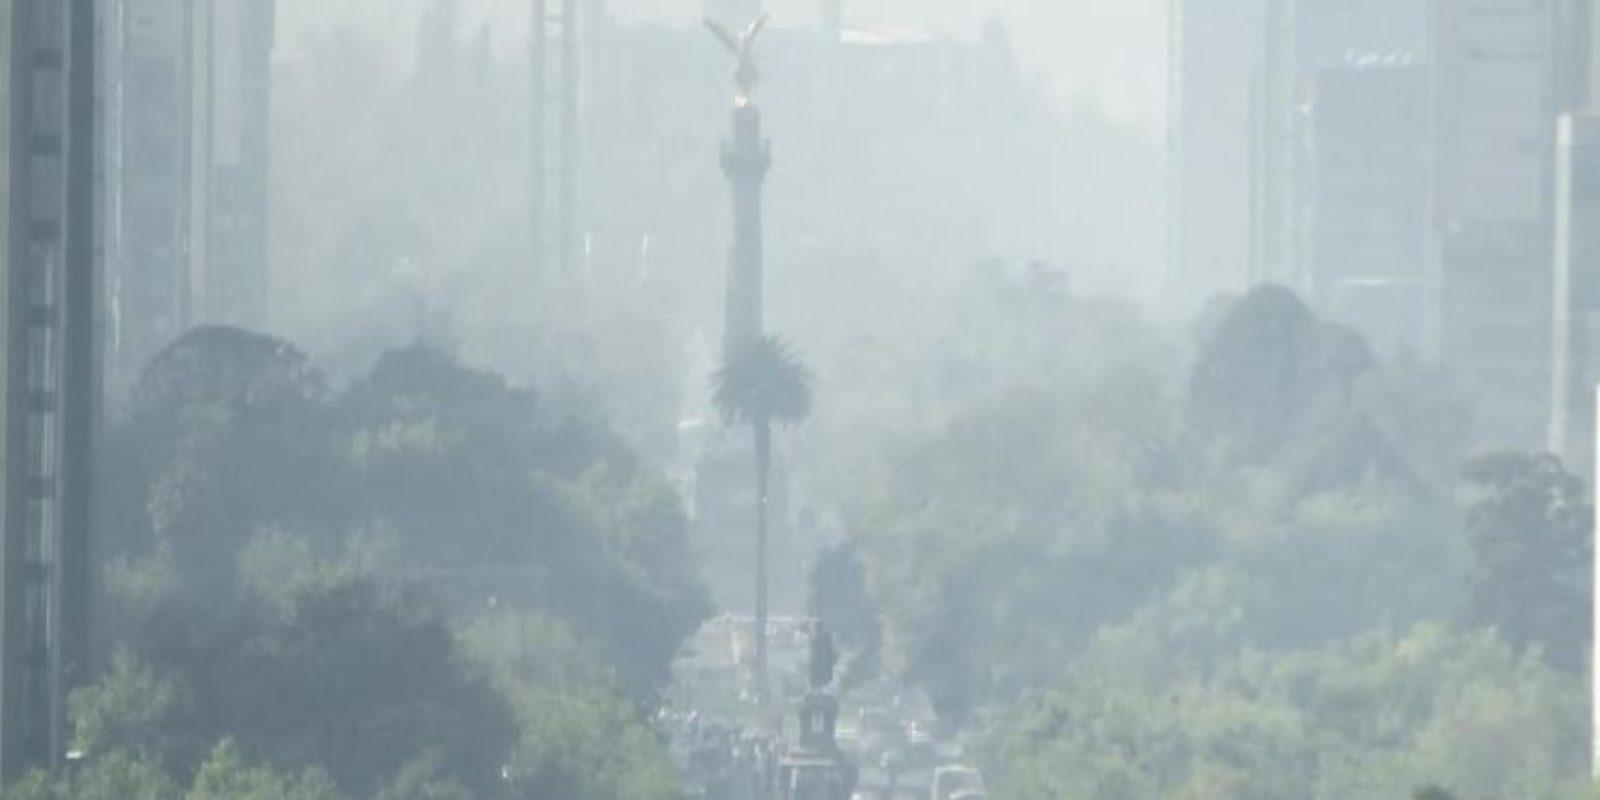 Ciudad de México. Foto:Efe. Imagen Por: